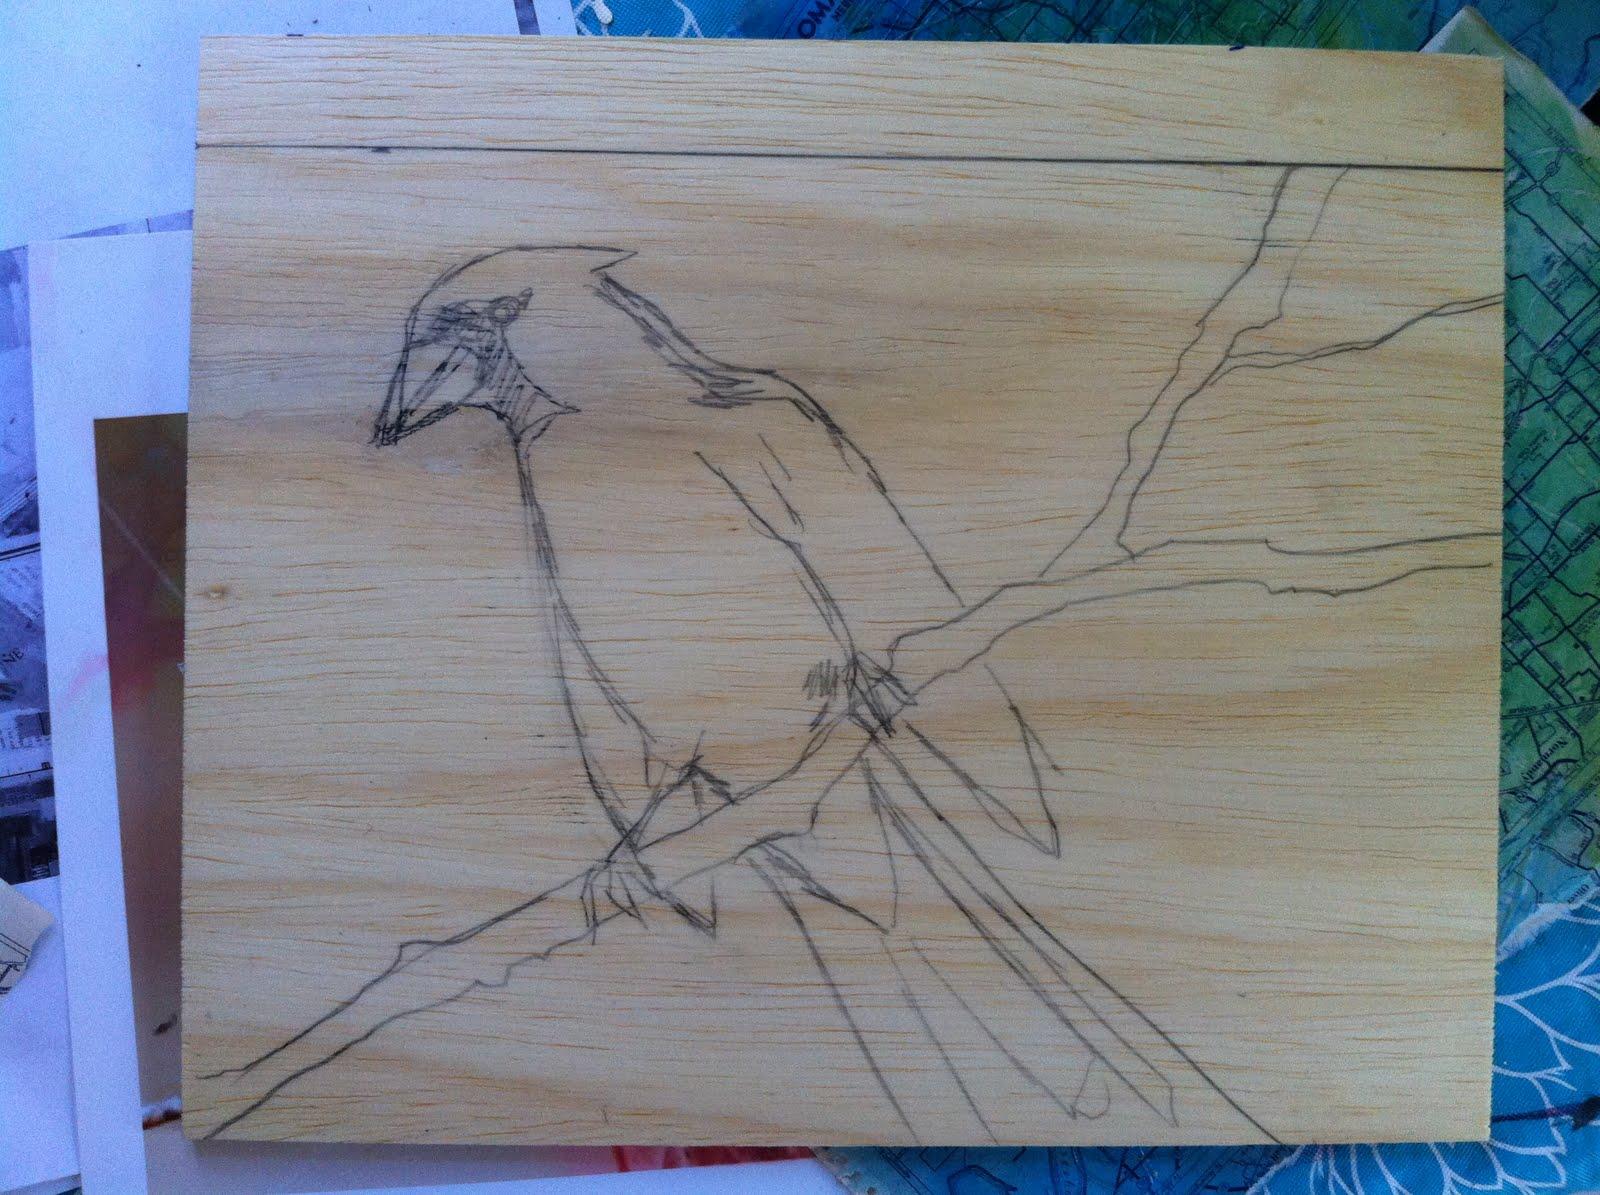 http://4.bp.blogspot.com/-zZm89CpmaEs/TedcB5ztZLI/AAAAAAAACAw/-2Pq98kzwsQ/s1600/cardinal+sketch.JPG